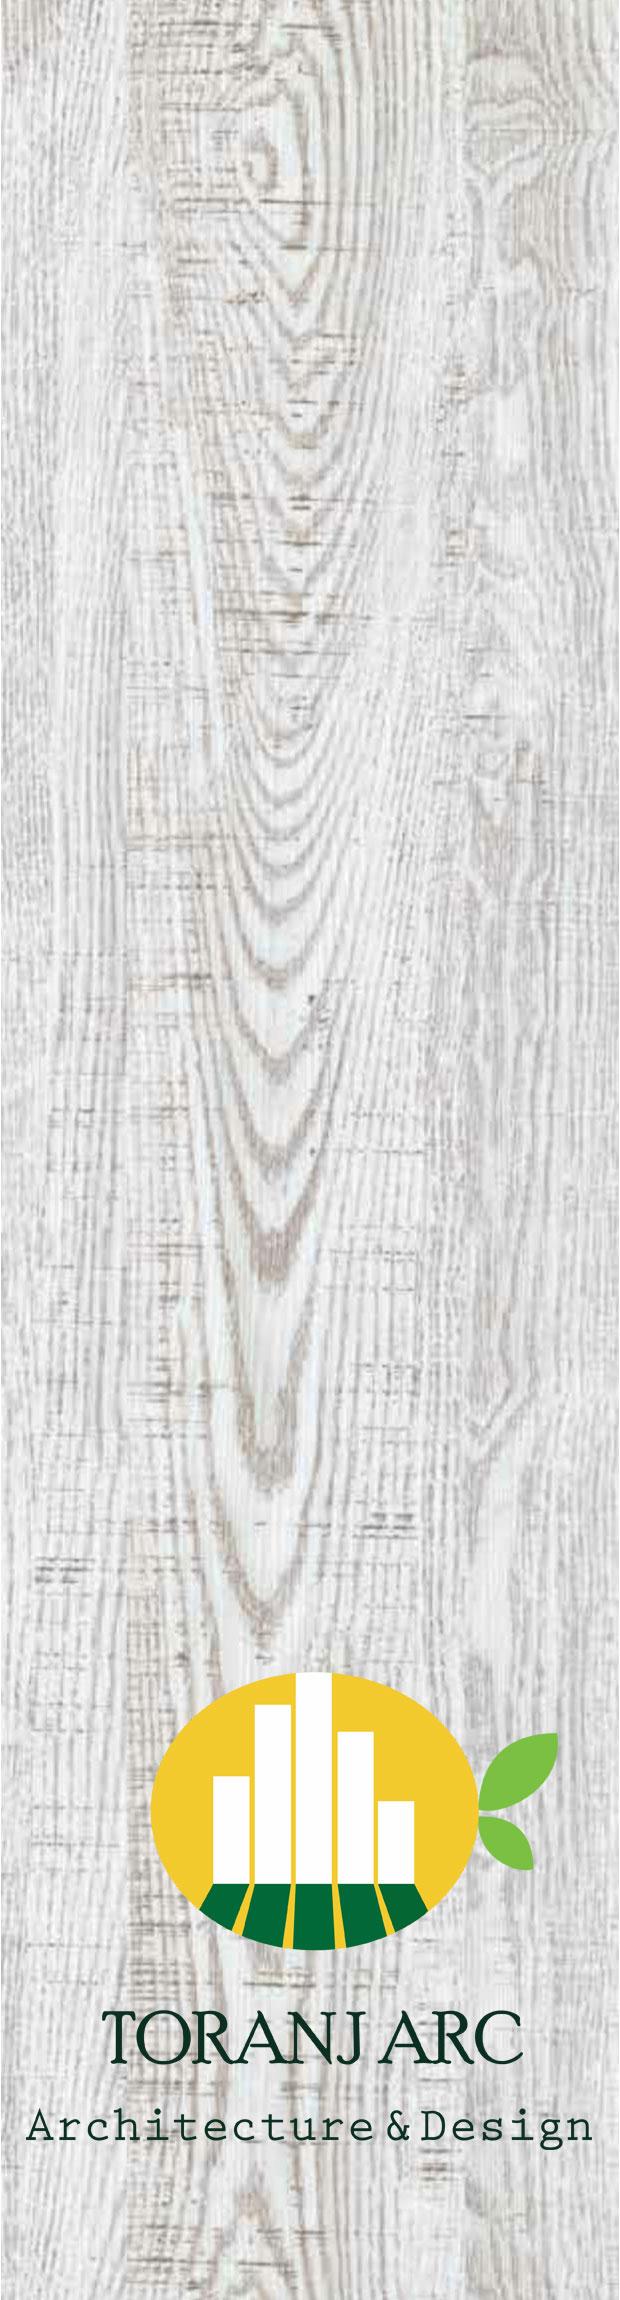 adofloor 1 12 کف پوش pvc